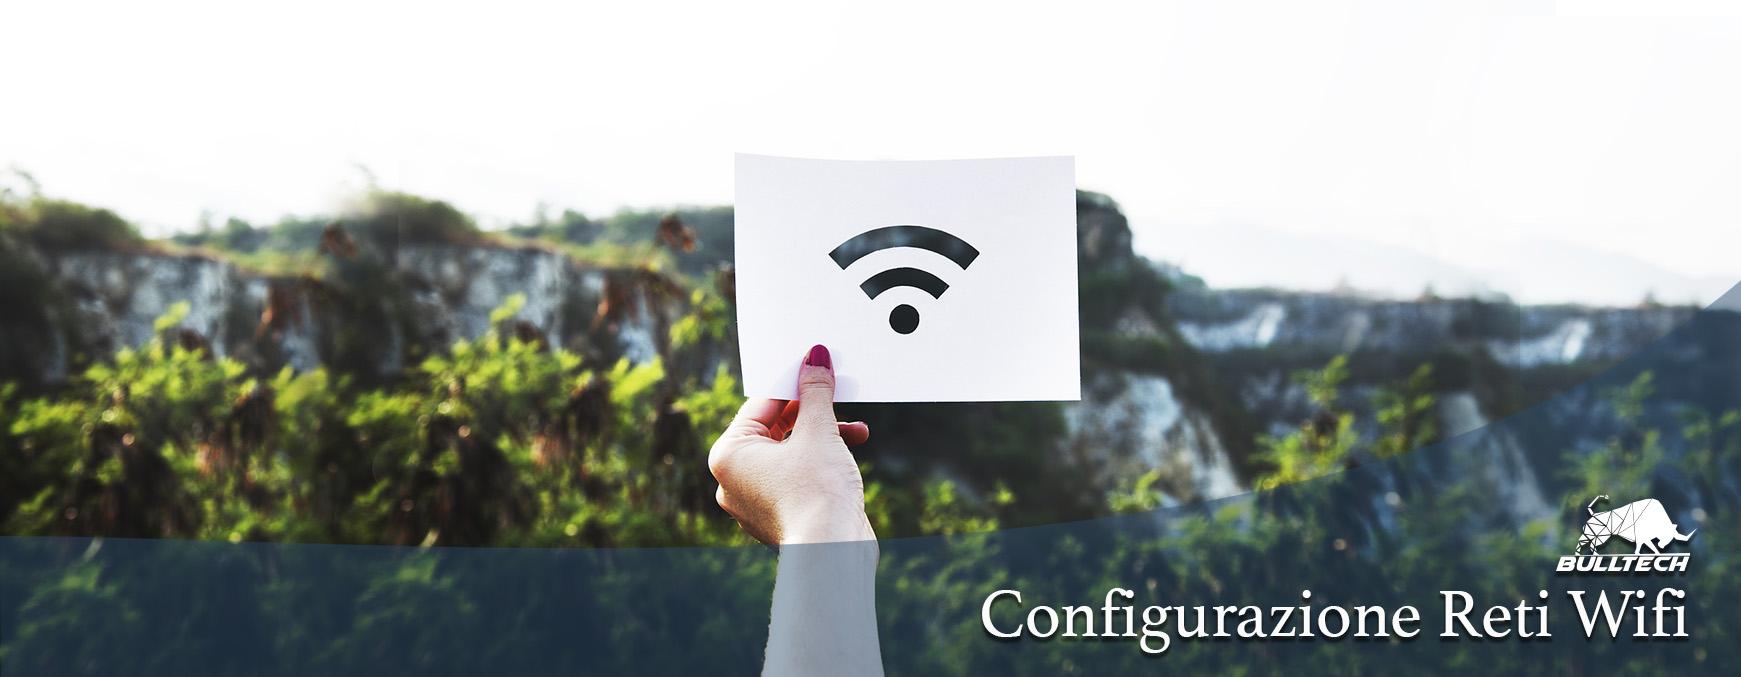 configurazione-reti-wifi